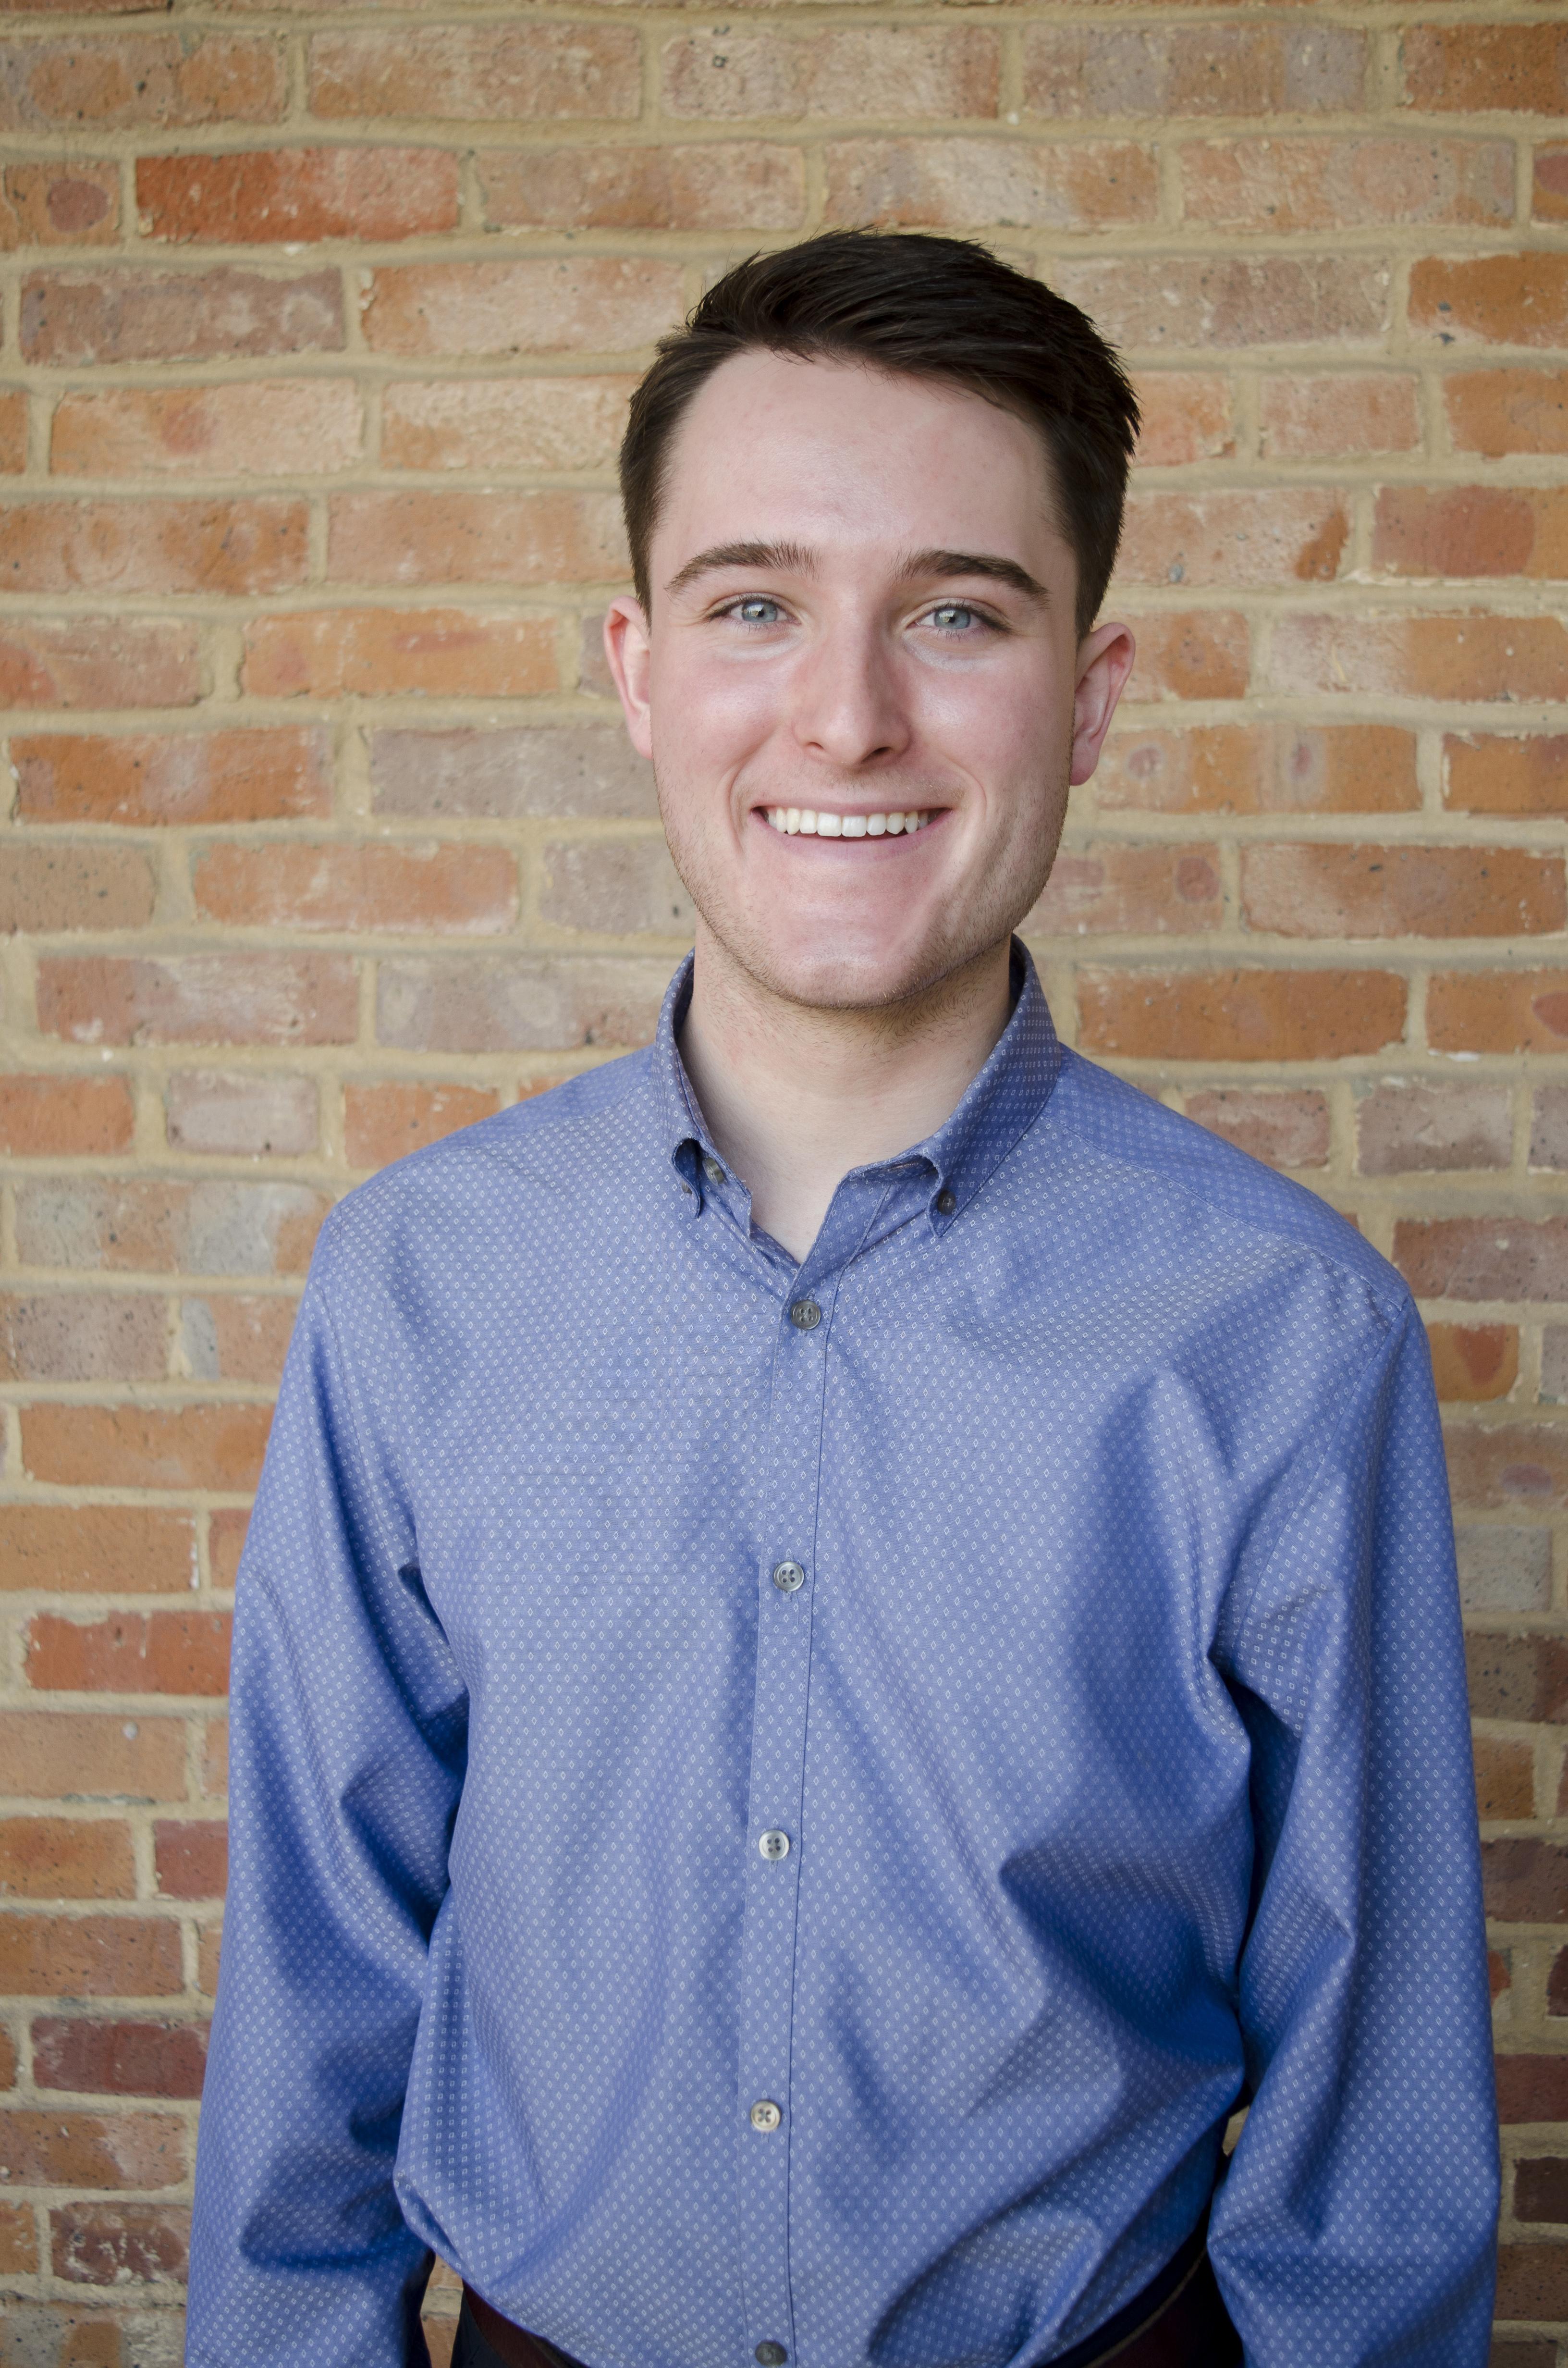 Ryan Truitt